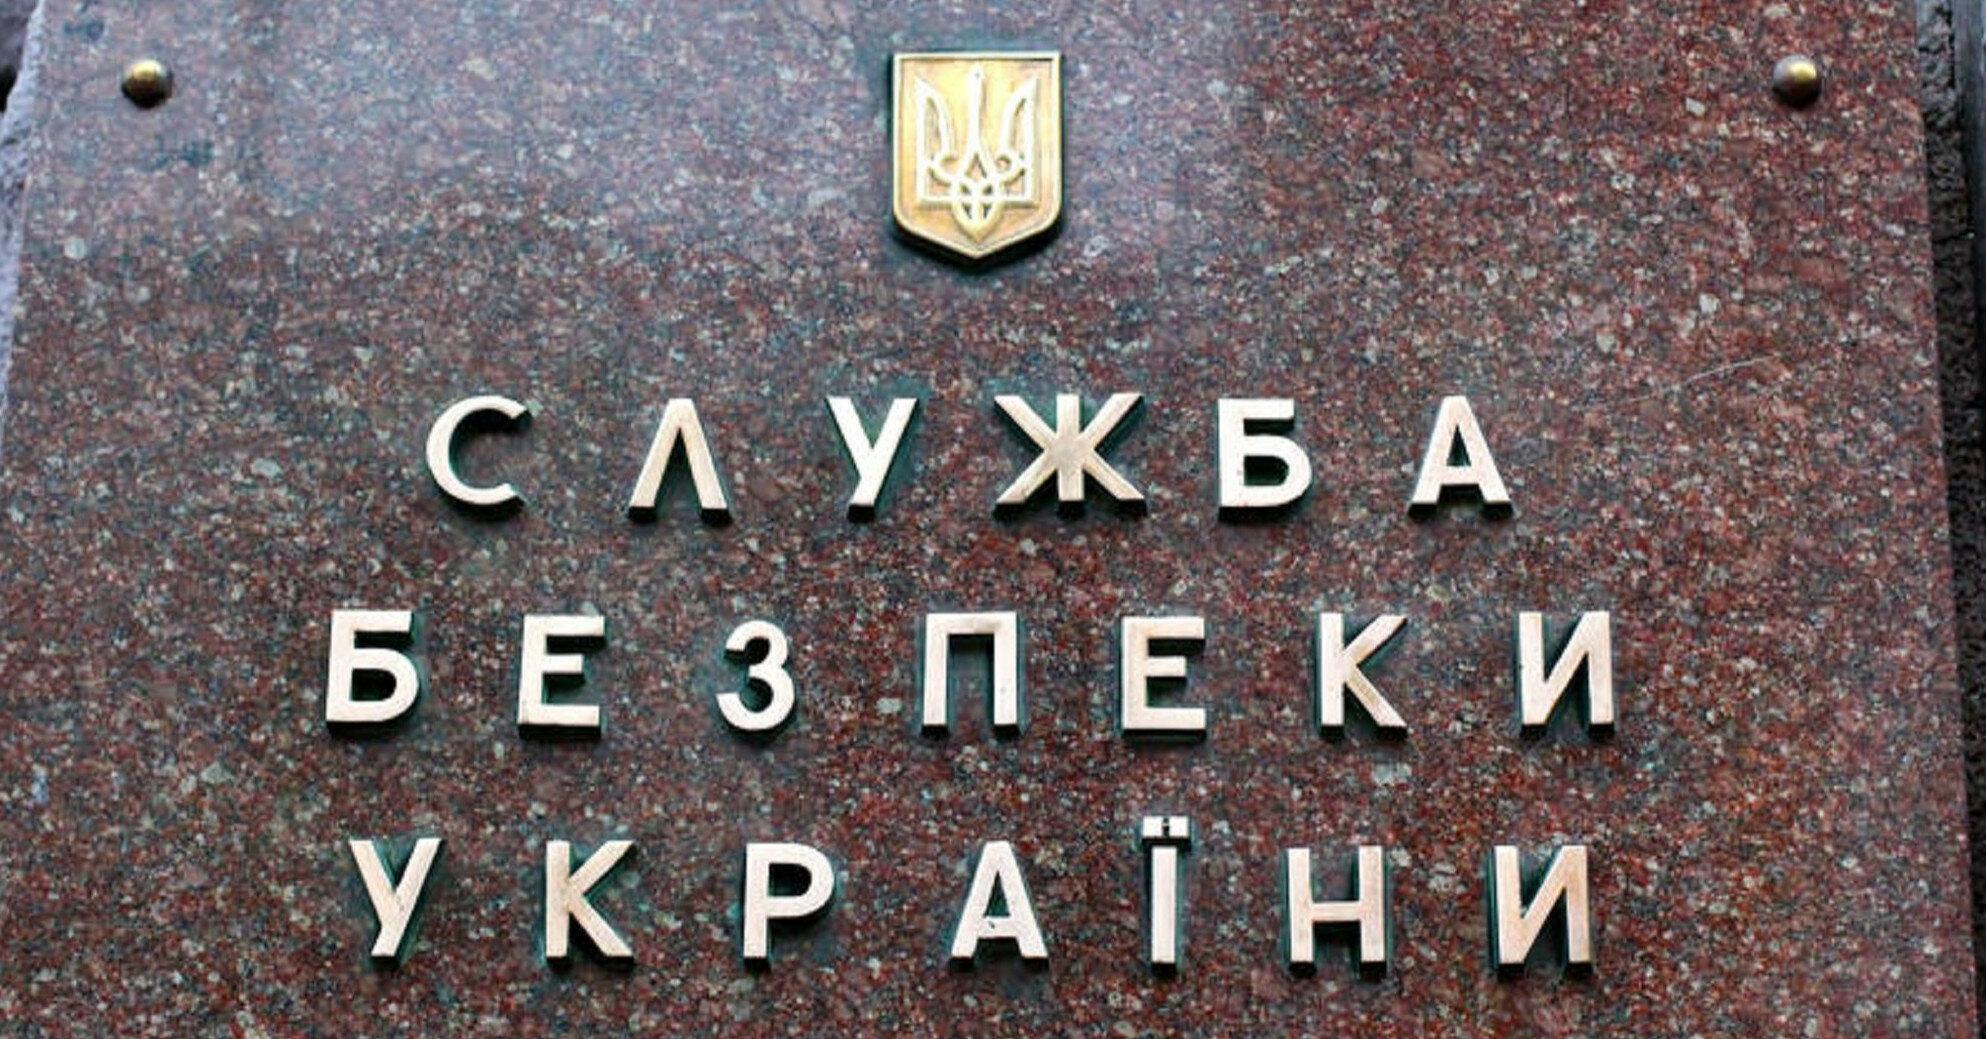 СБУ разоблачила чиновников облгосадминистрации на хищении 750 тыс. грн